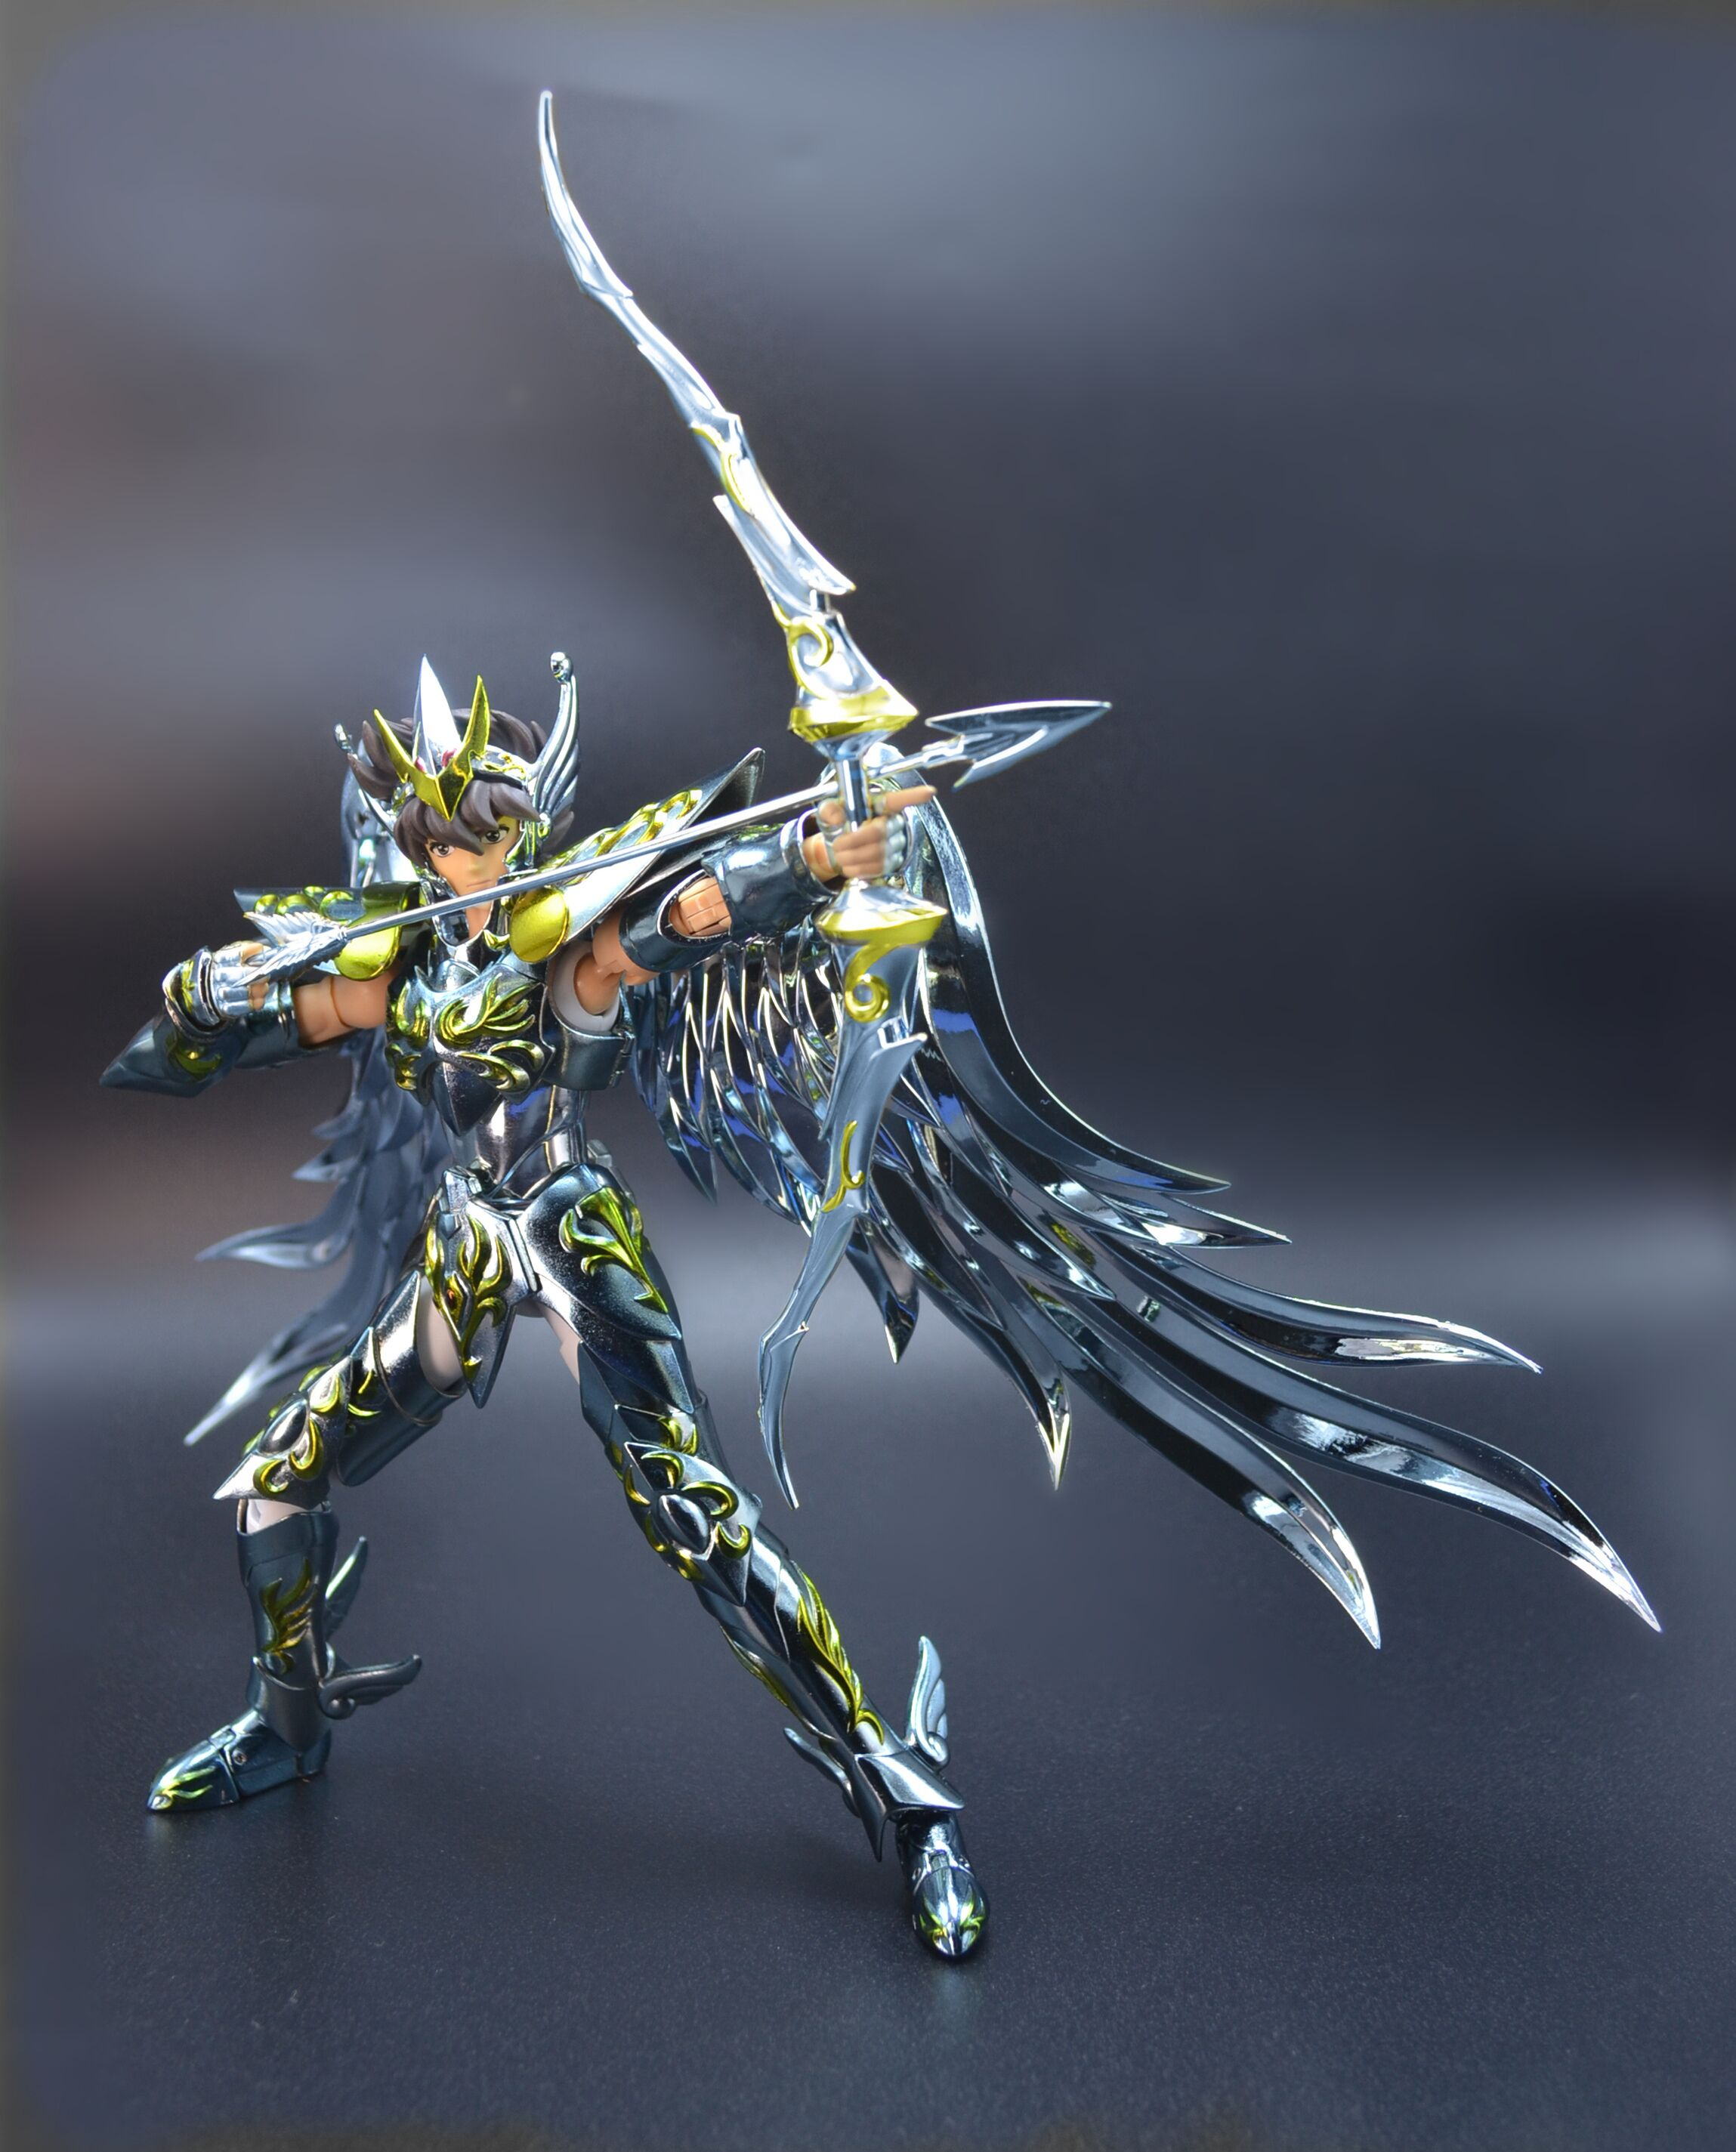 圣斗士配件 圣衣神话 GT金属弓箭 神射手 神天马